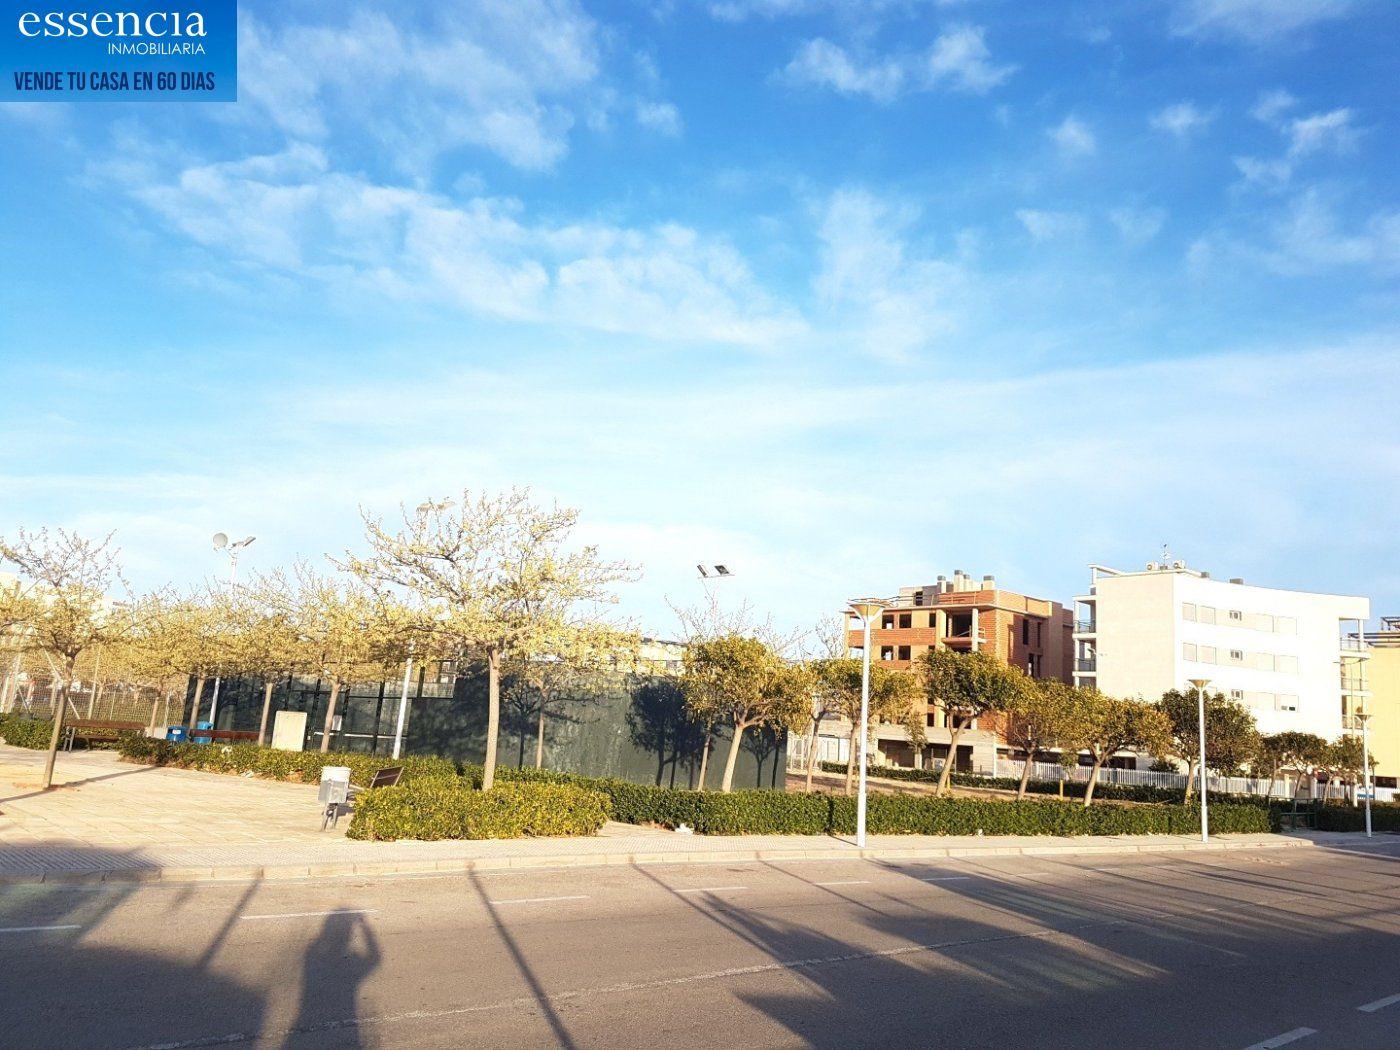 Apartamento con vistas al mar en playa de bellreguard.  garaje y piscina. - imagenInmueble28